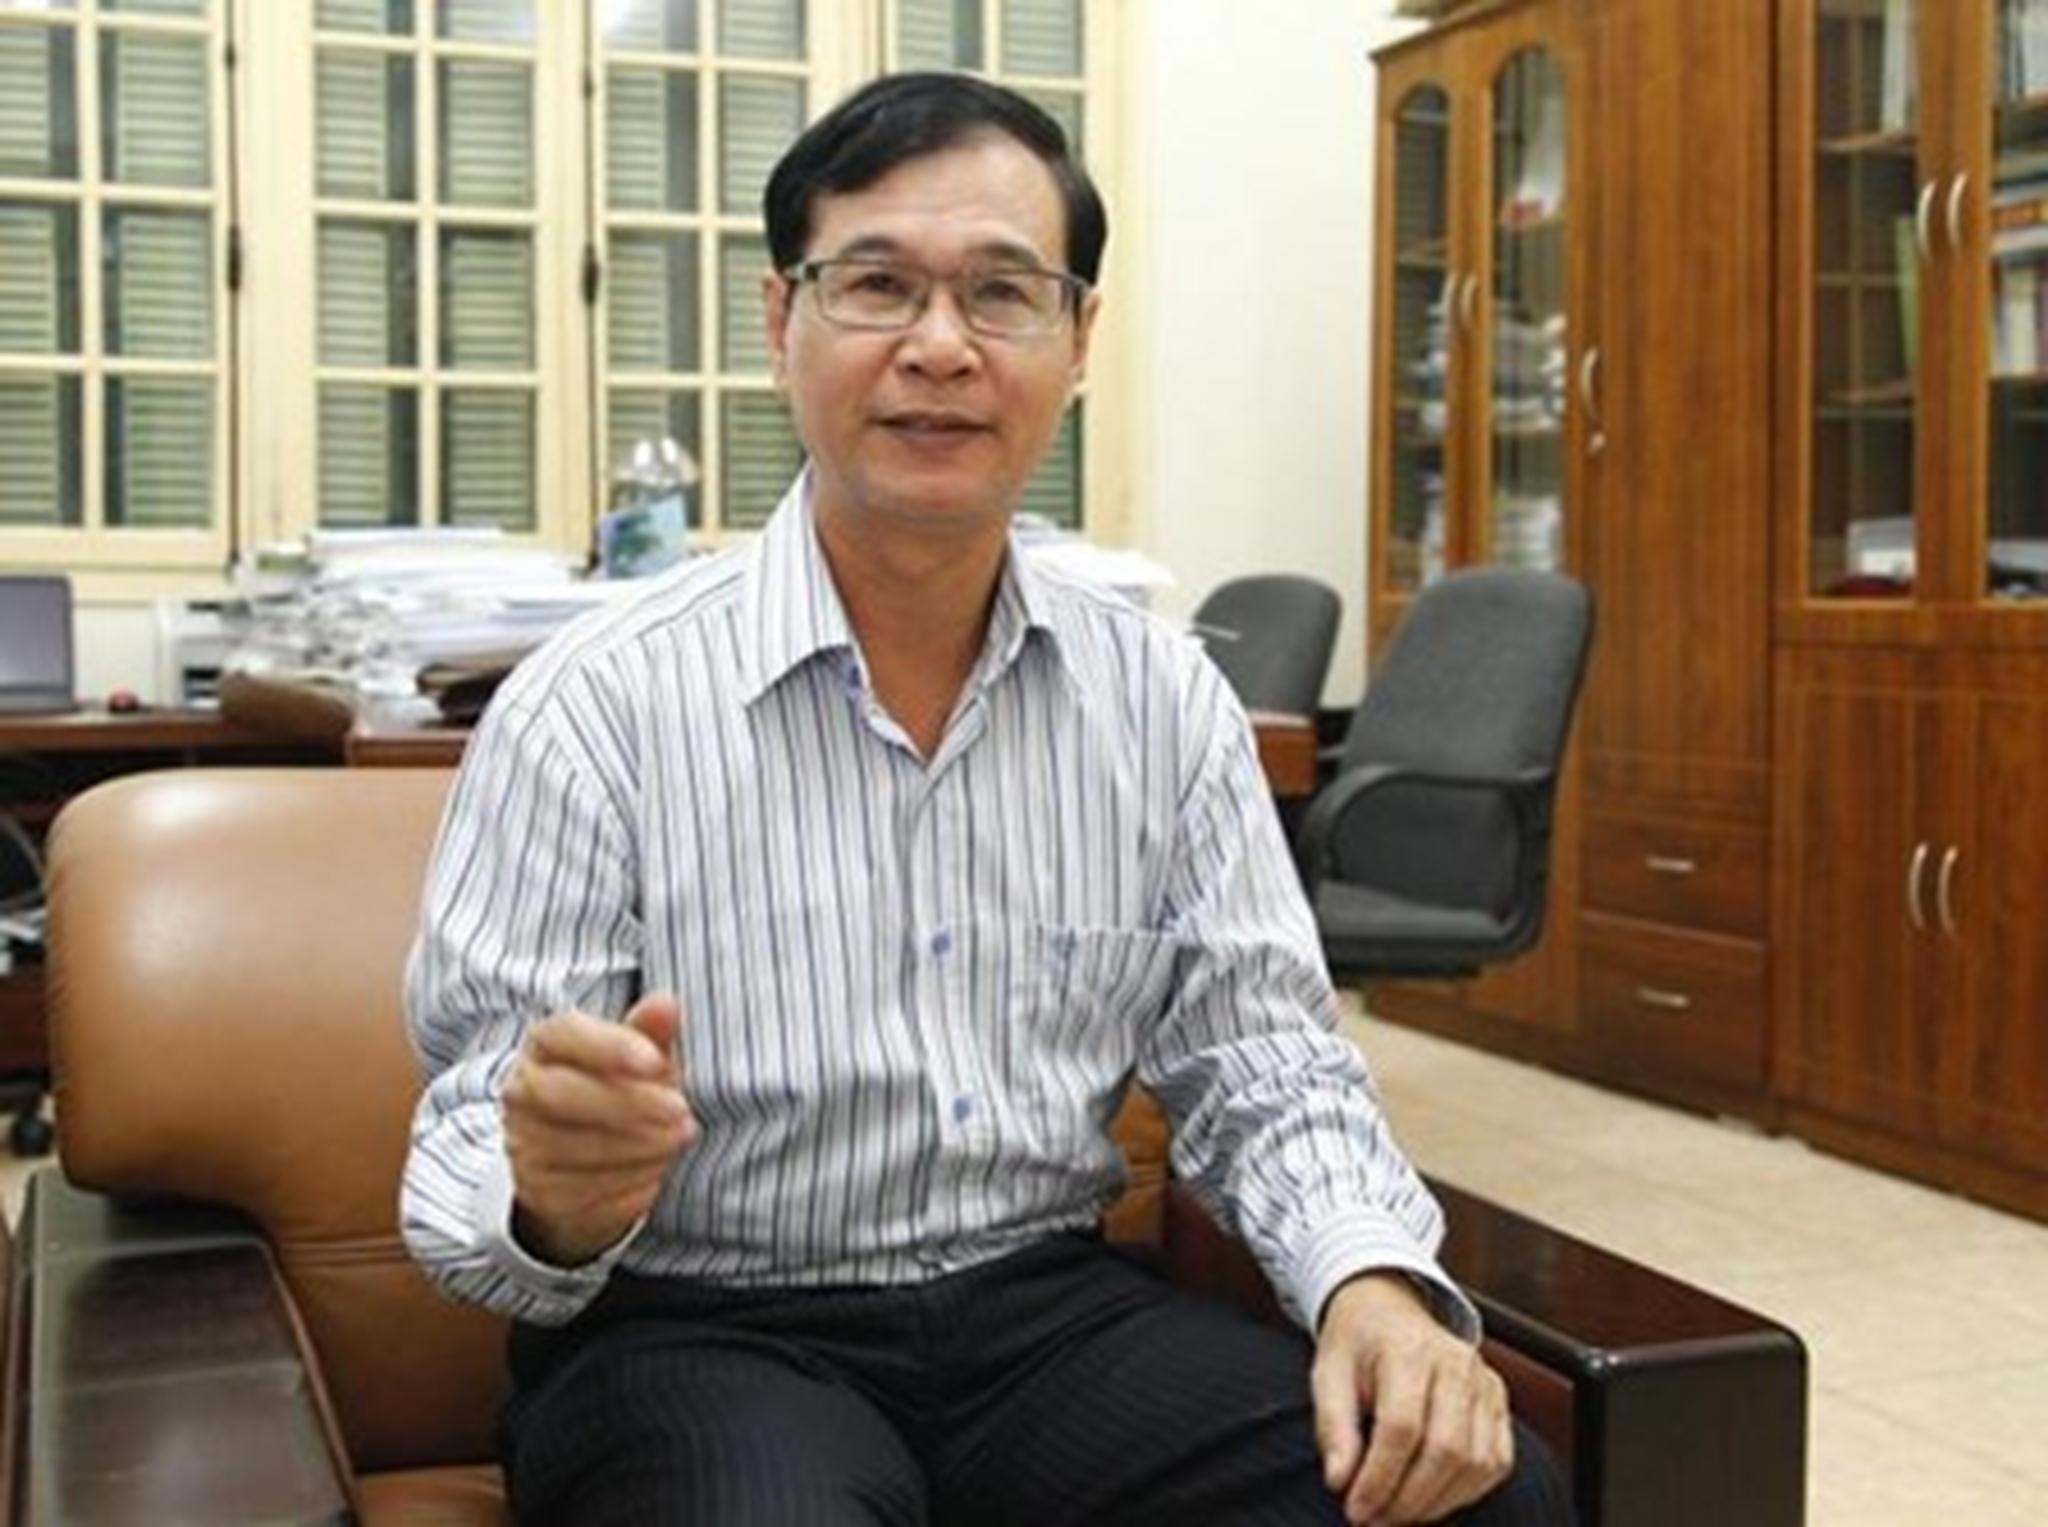 Ông Nguyễn Mạnh Hà - Cục trưởng cục quản lý nhà và thị trường bất động sản (Bộ Xây dựng)